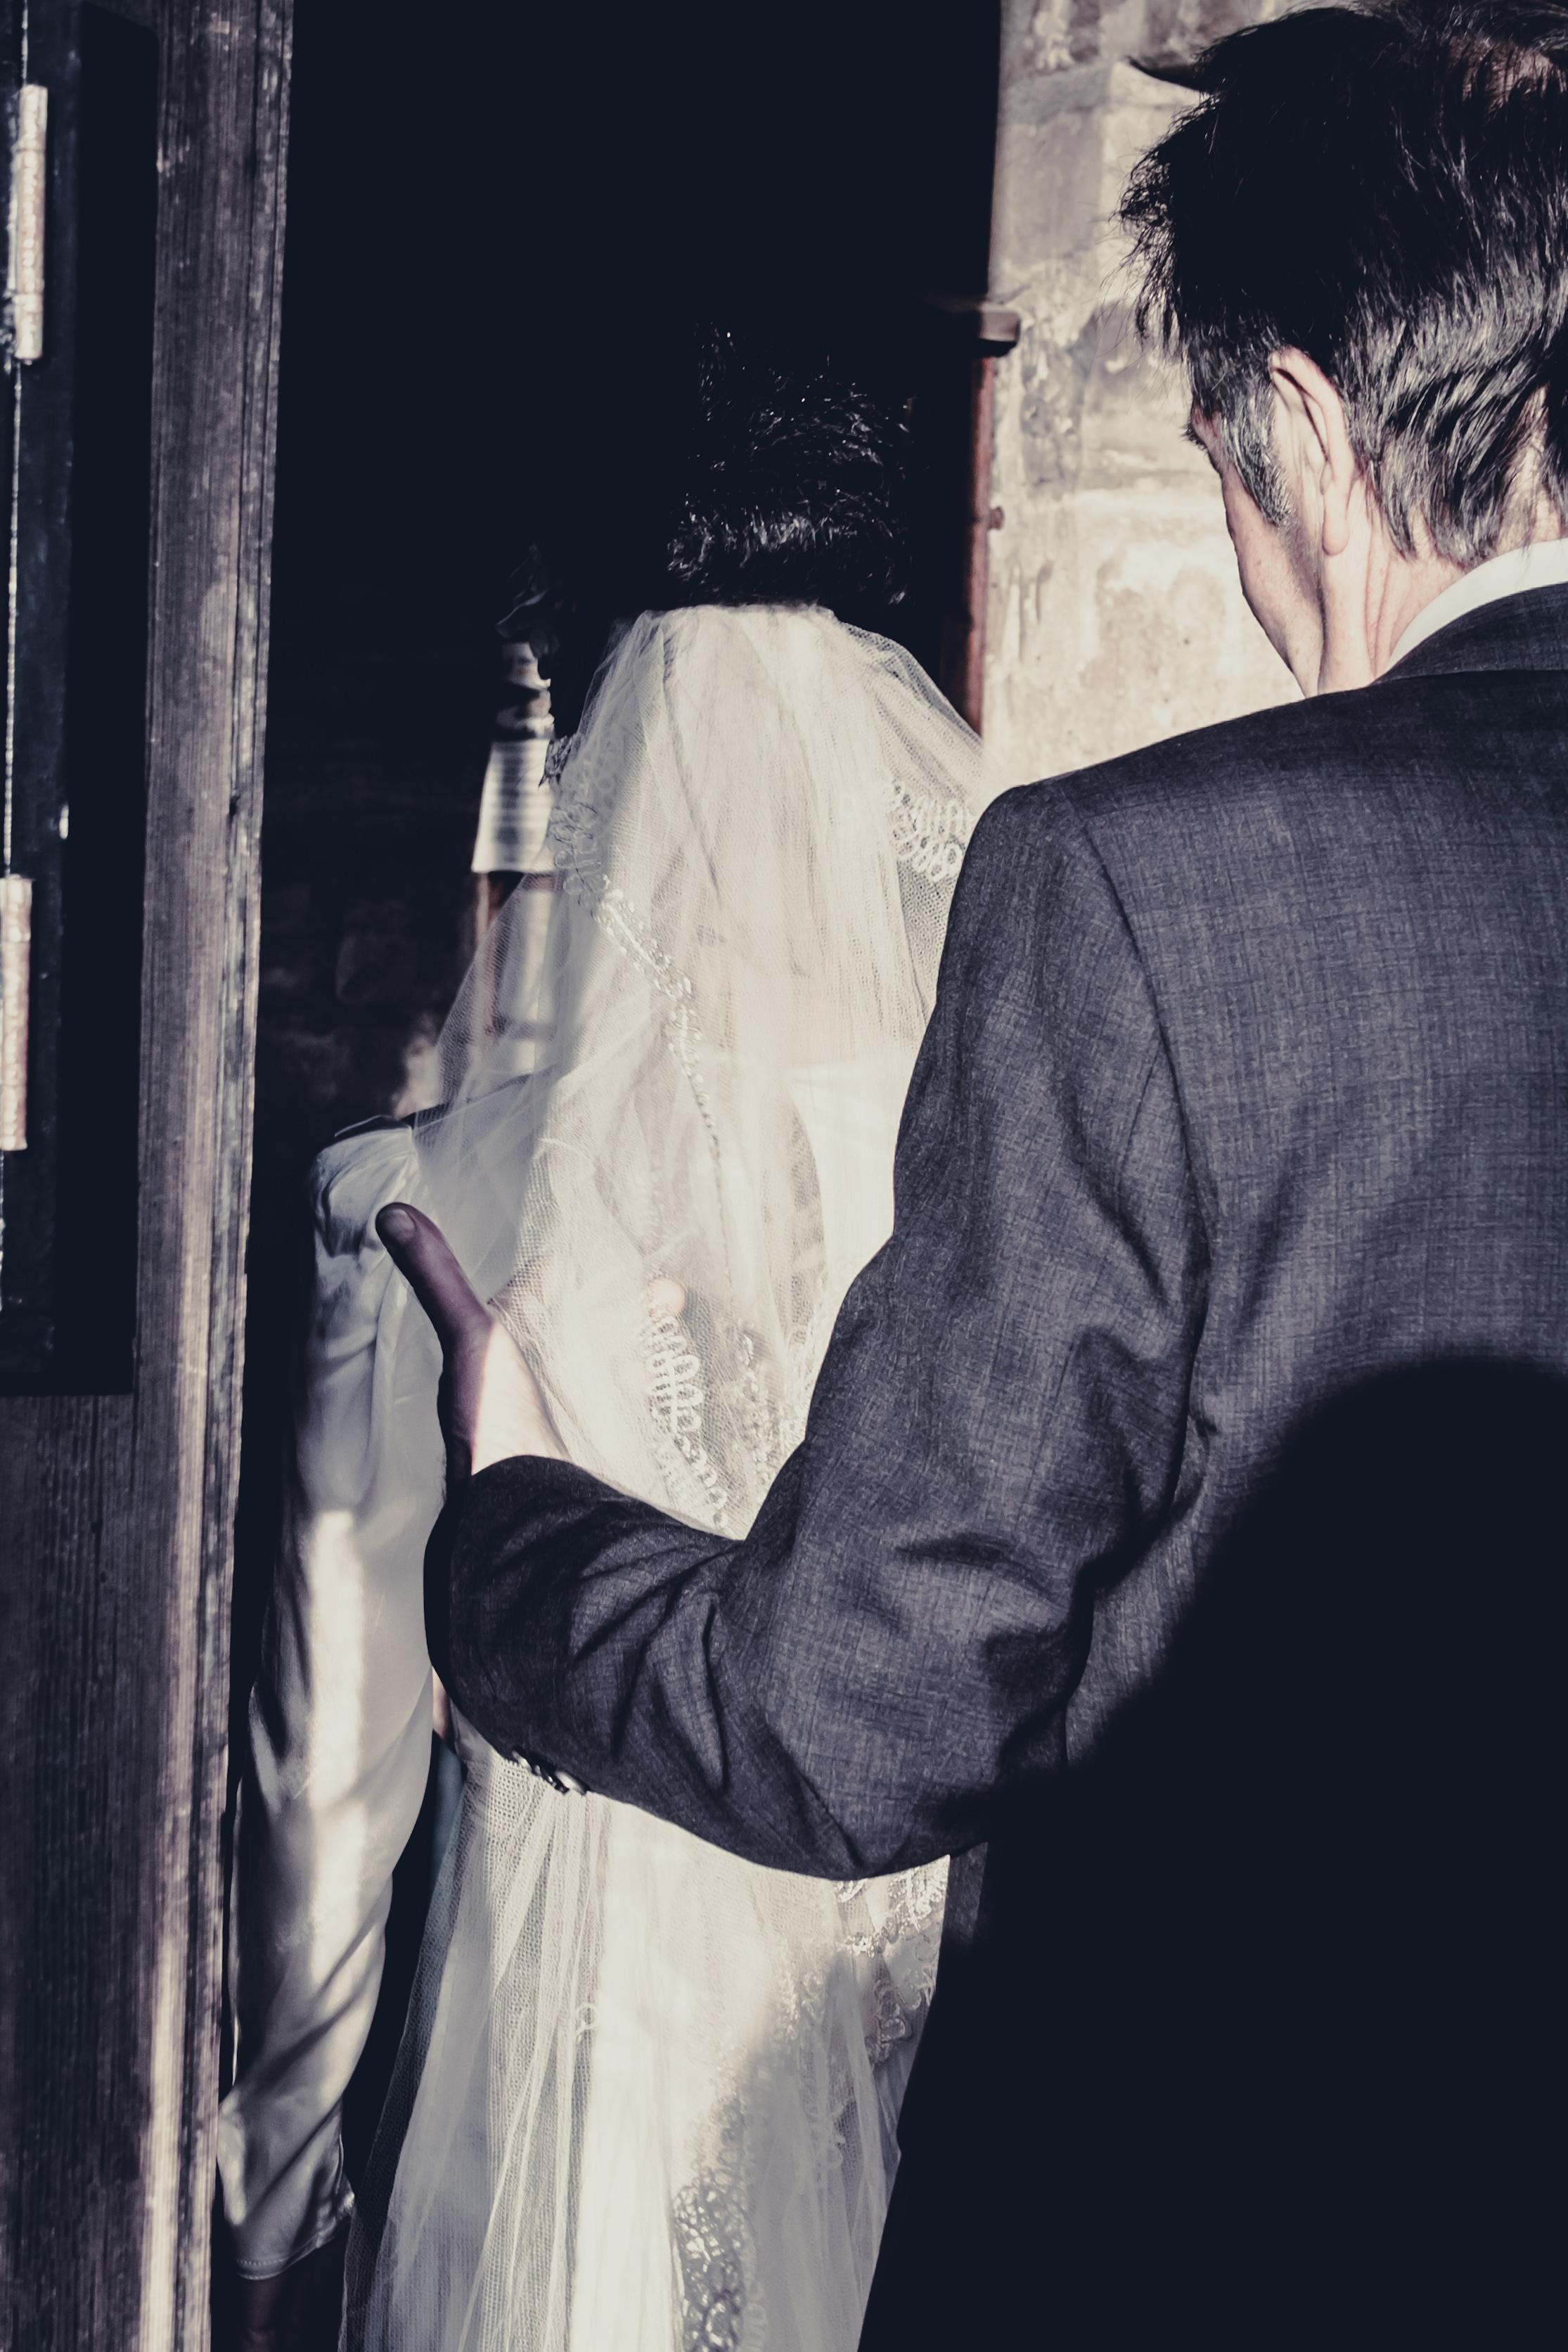 073 - Angela and Karls Wedding by www.markpugh.com -2050.jpg